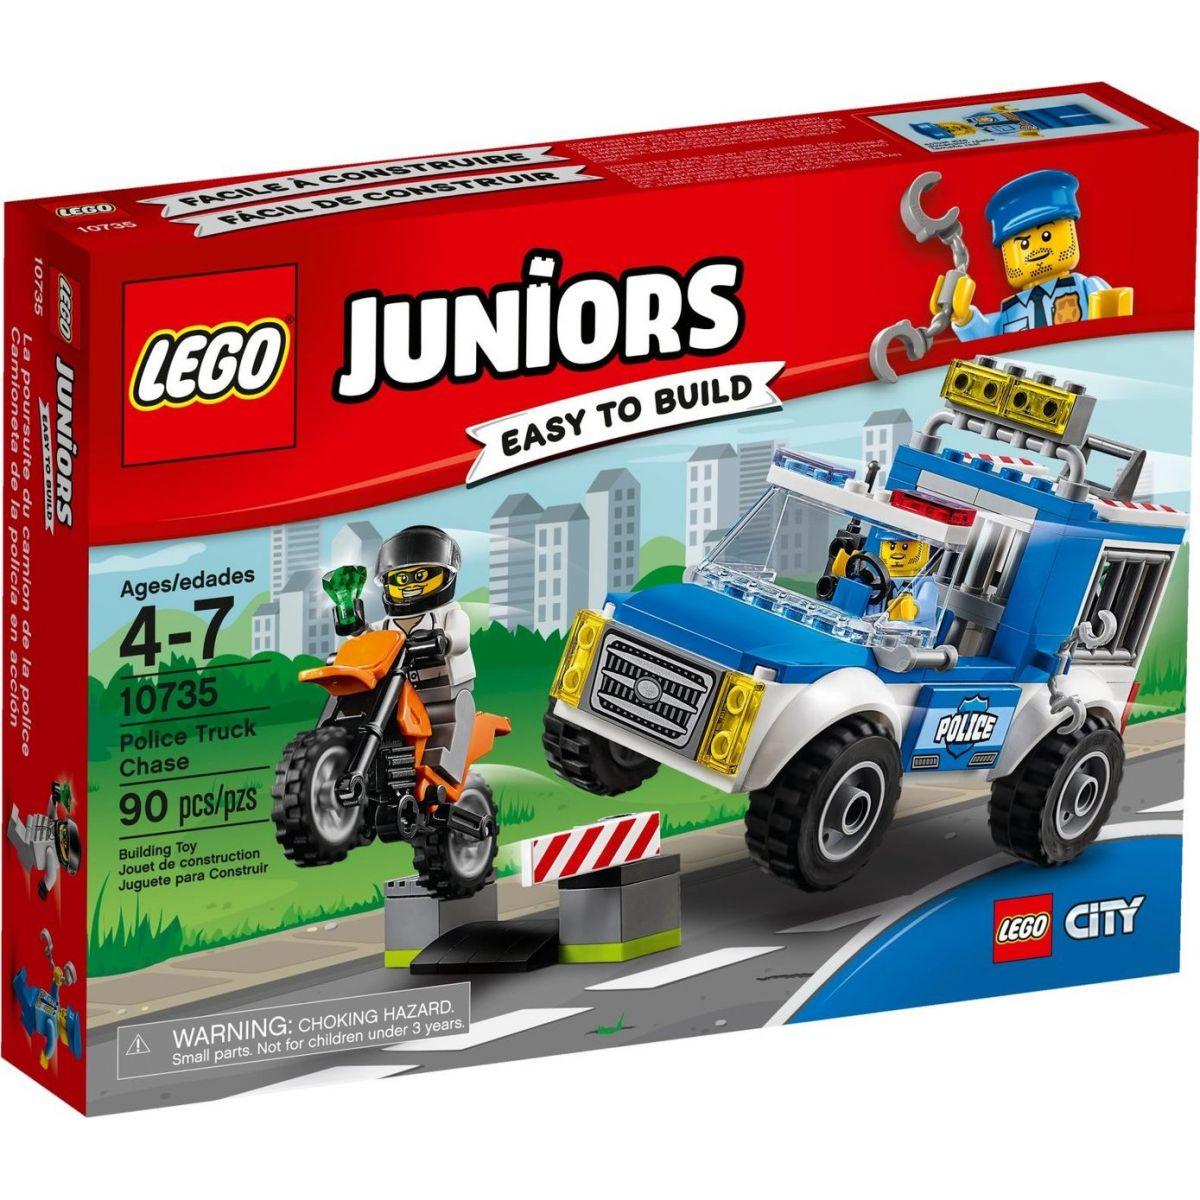 LEGO Juniors 10735 Honička s policejní dodávkou